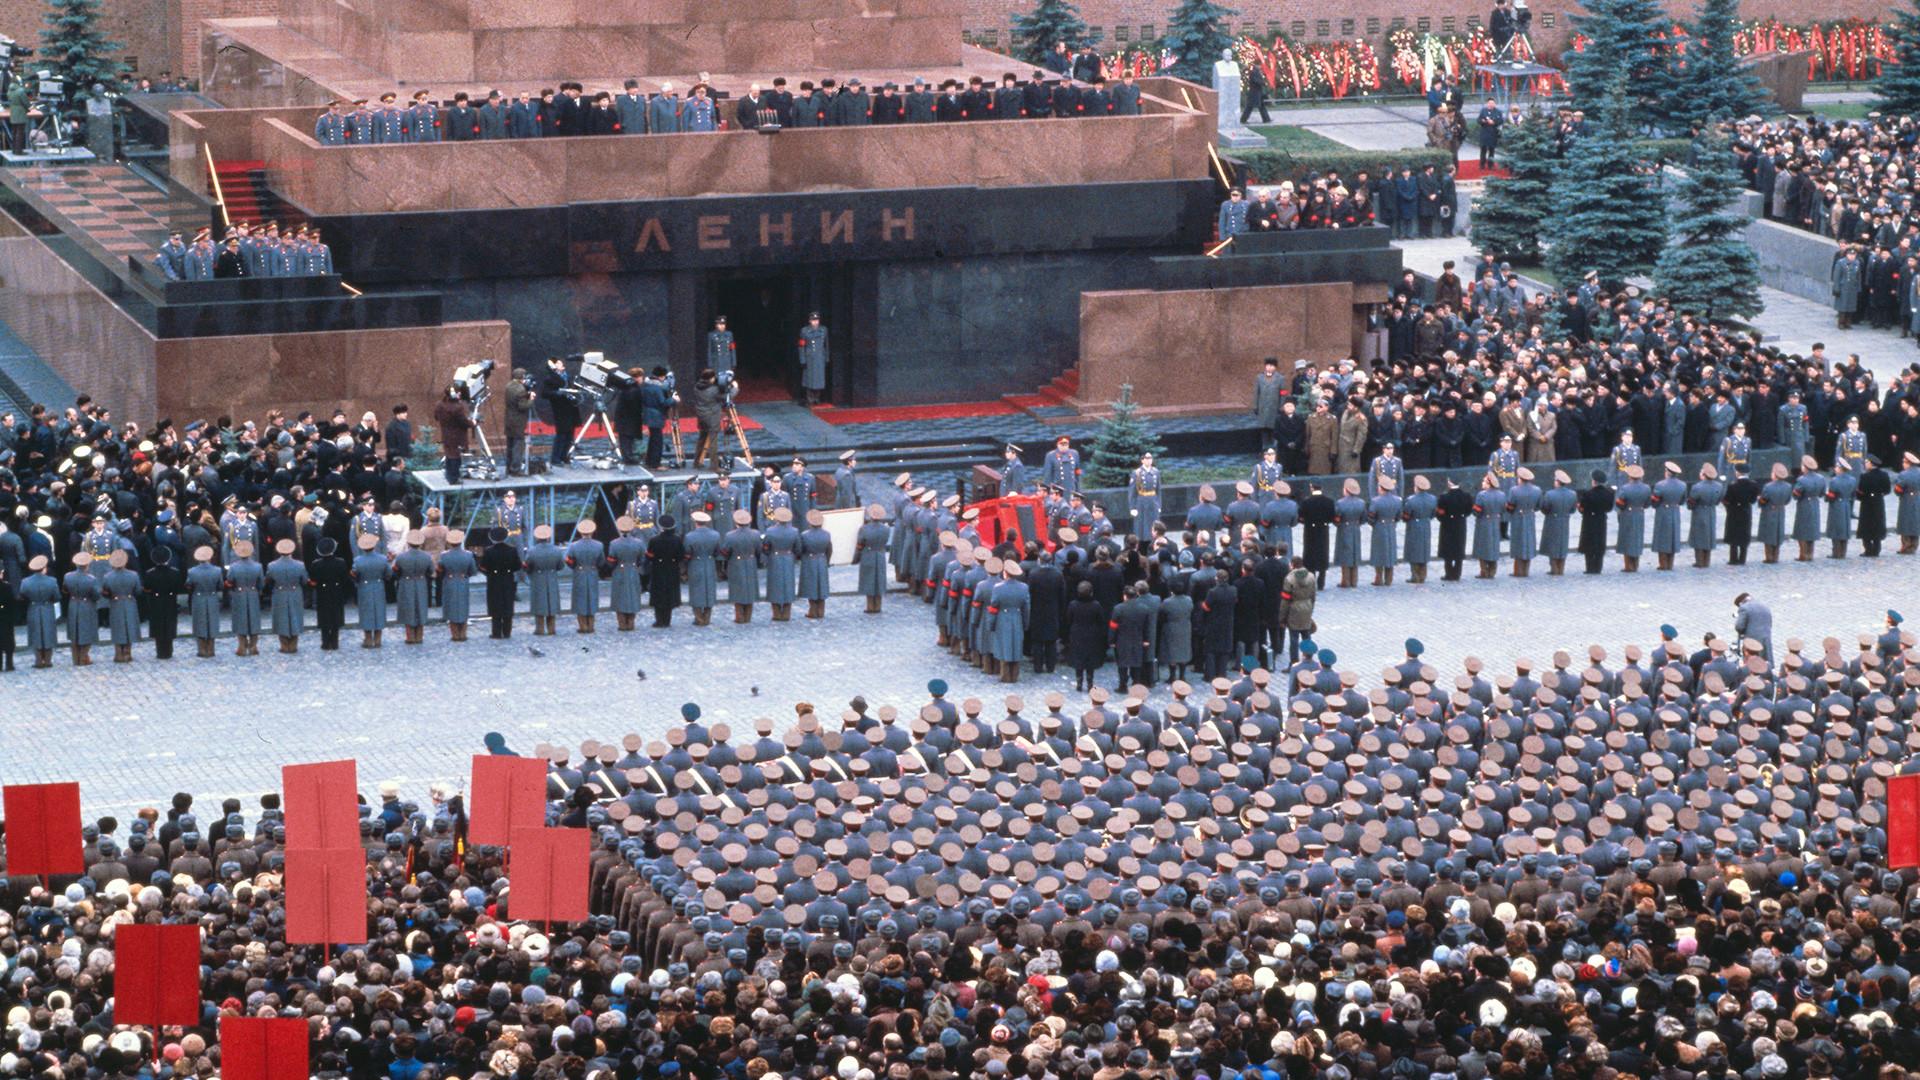 I leader del Partito Comunista portano il feretro di Leonid Brezhnev, ex leader del Partito Comunista, davanti al mausoleo di Lenin in Piazza Rossa durante il corteo funebre